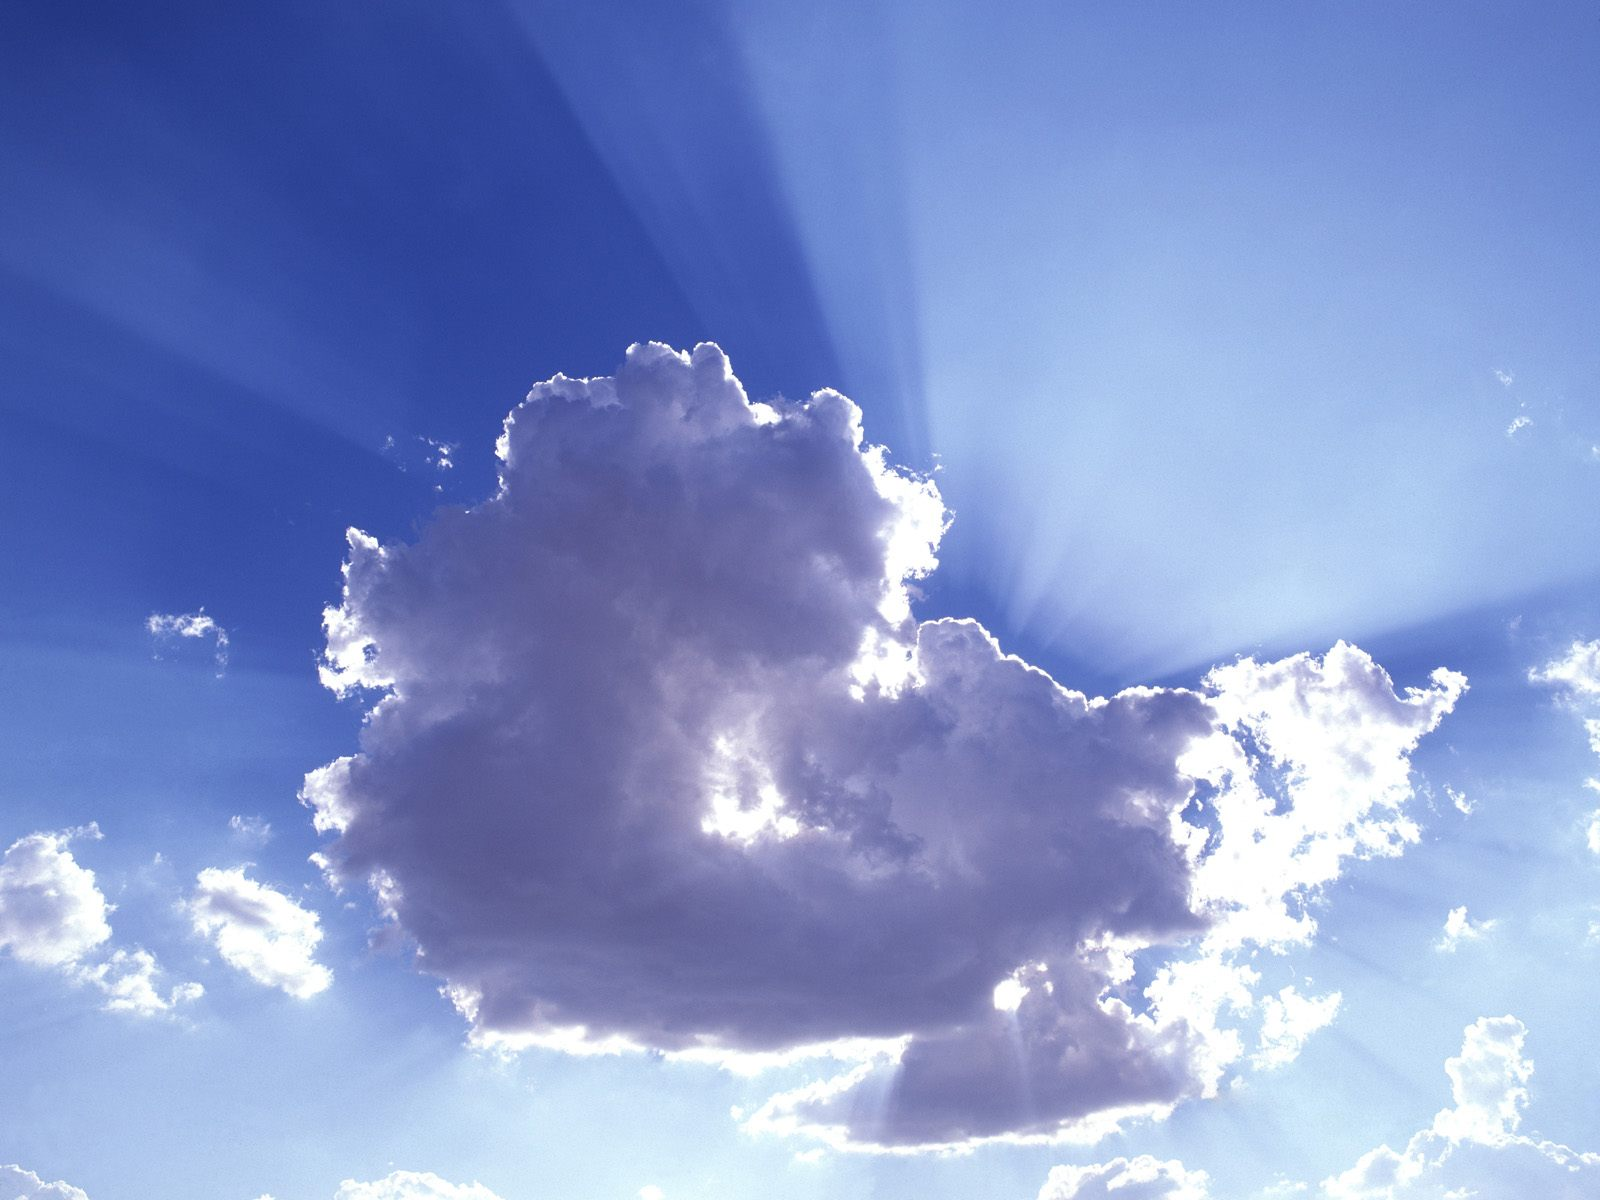 clouds d0d1c31a Wallpaper nature god